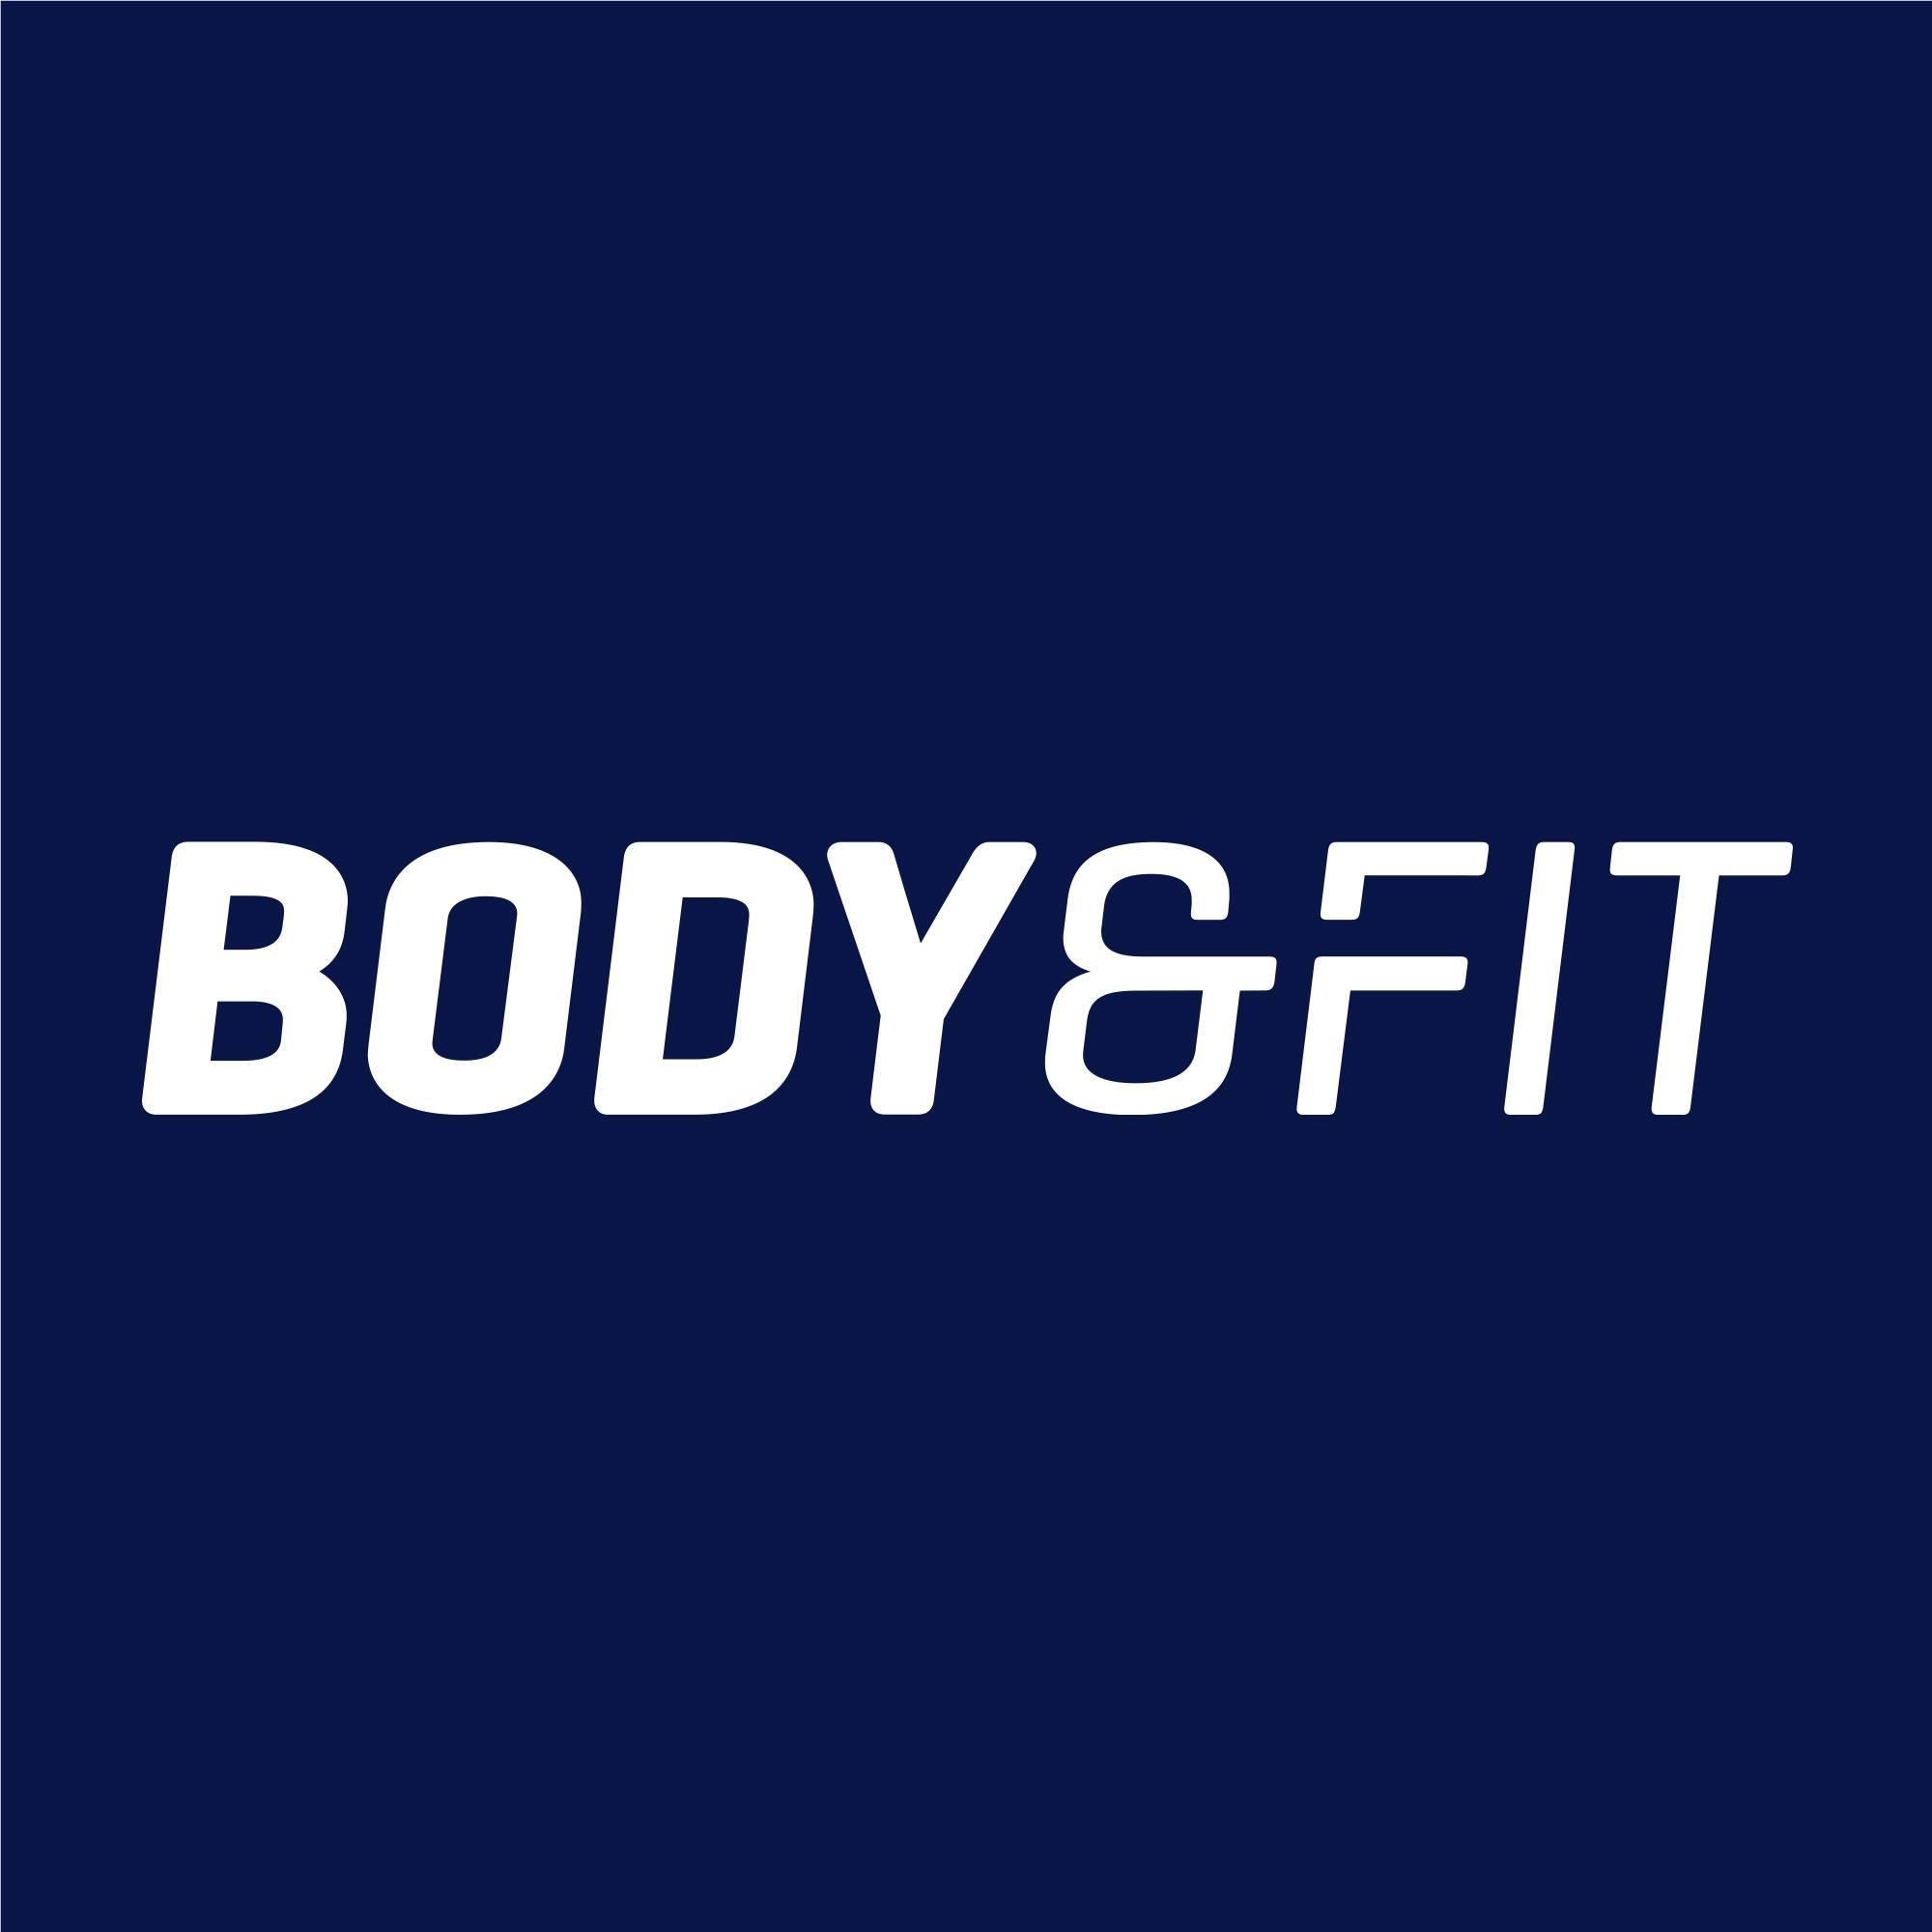 Code promo Body & Fit : 10€ pour vous et 10€ pour votre filleul grâce au programme de parrainage